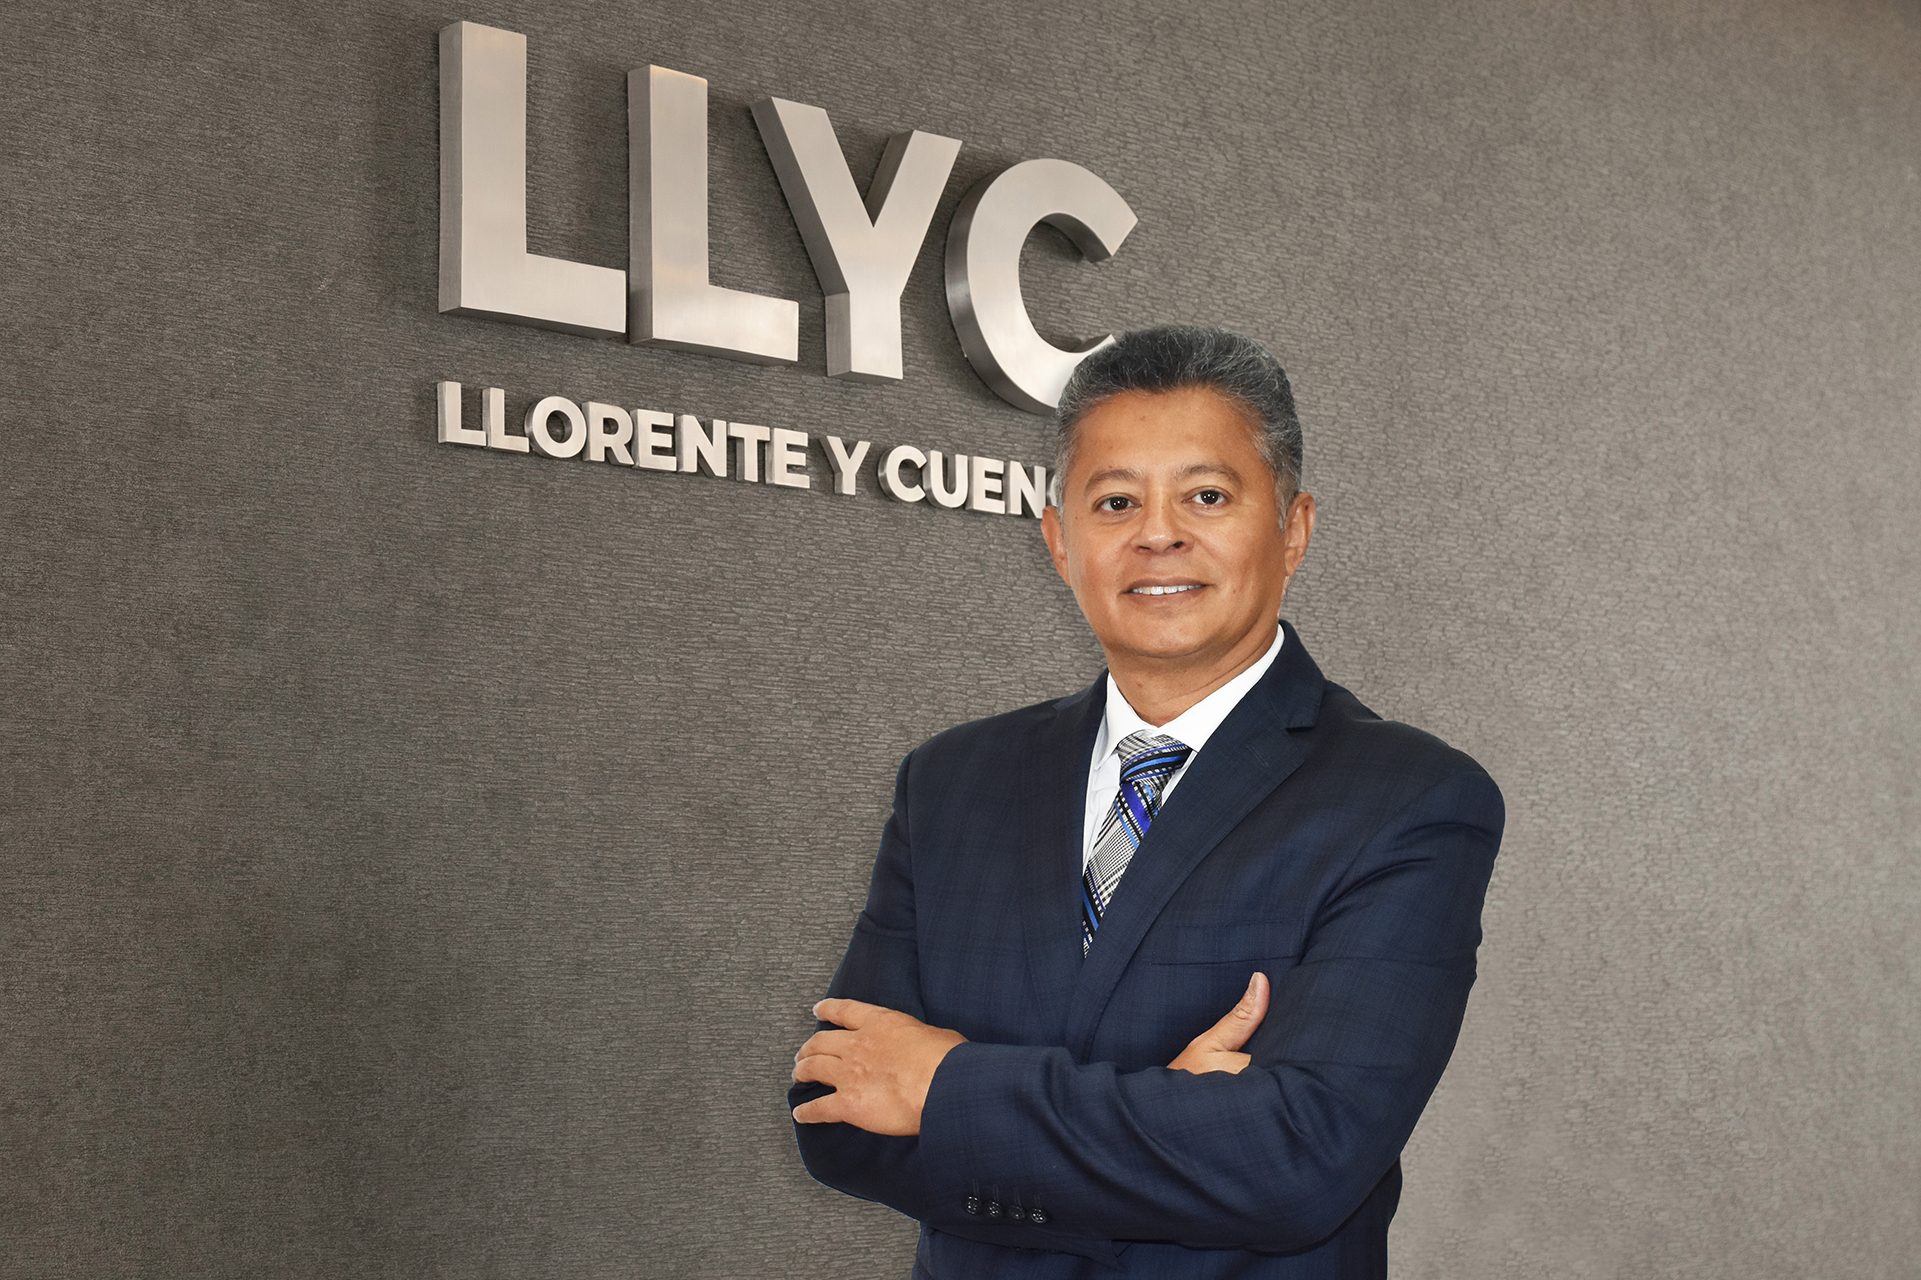 Llorente y Cuenca_Javier Marin